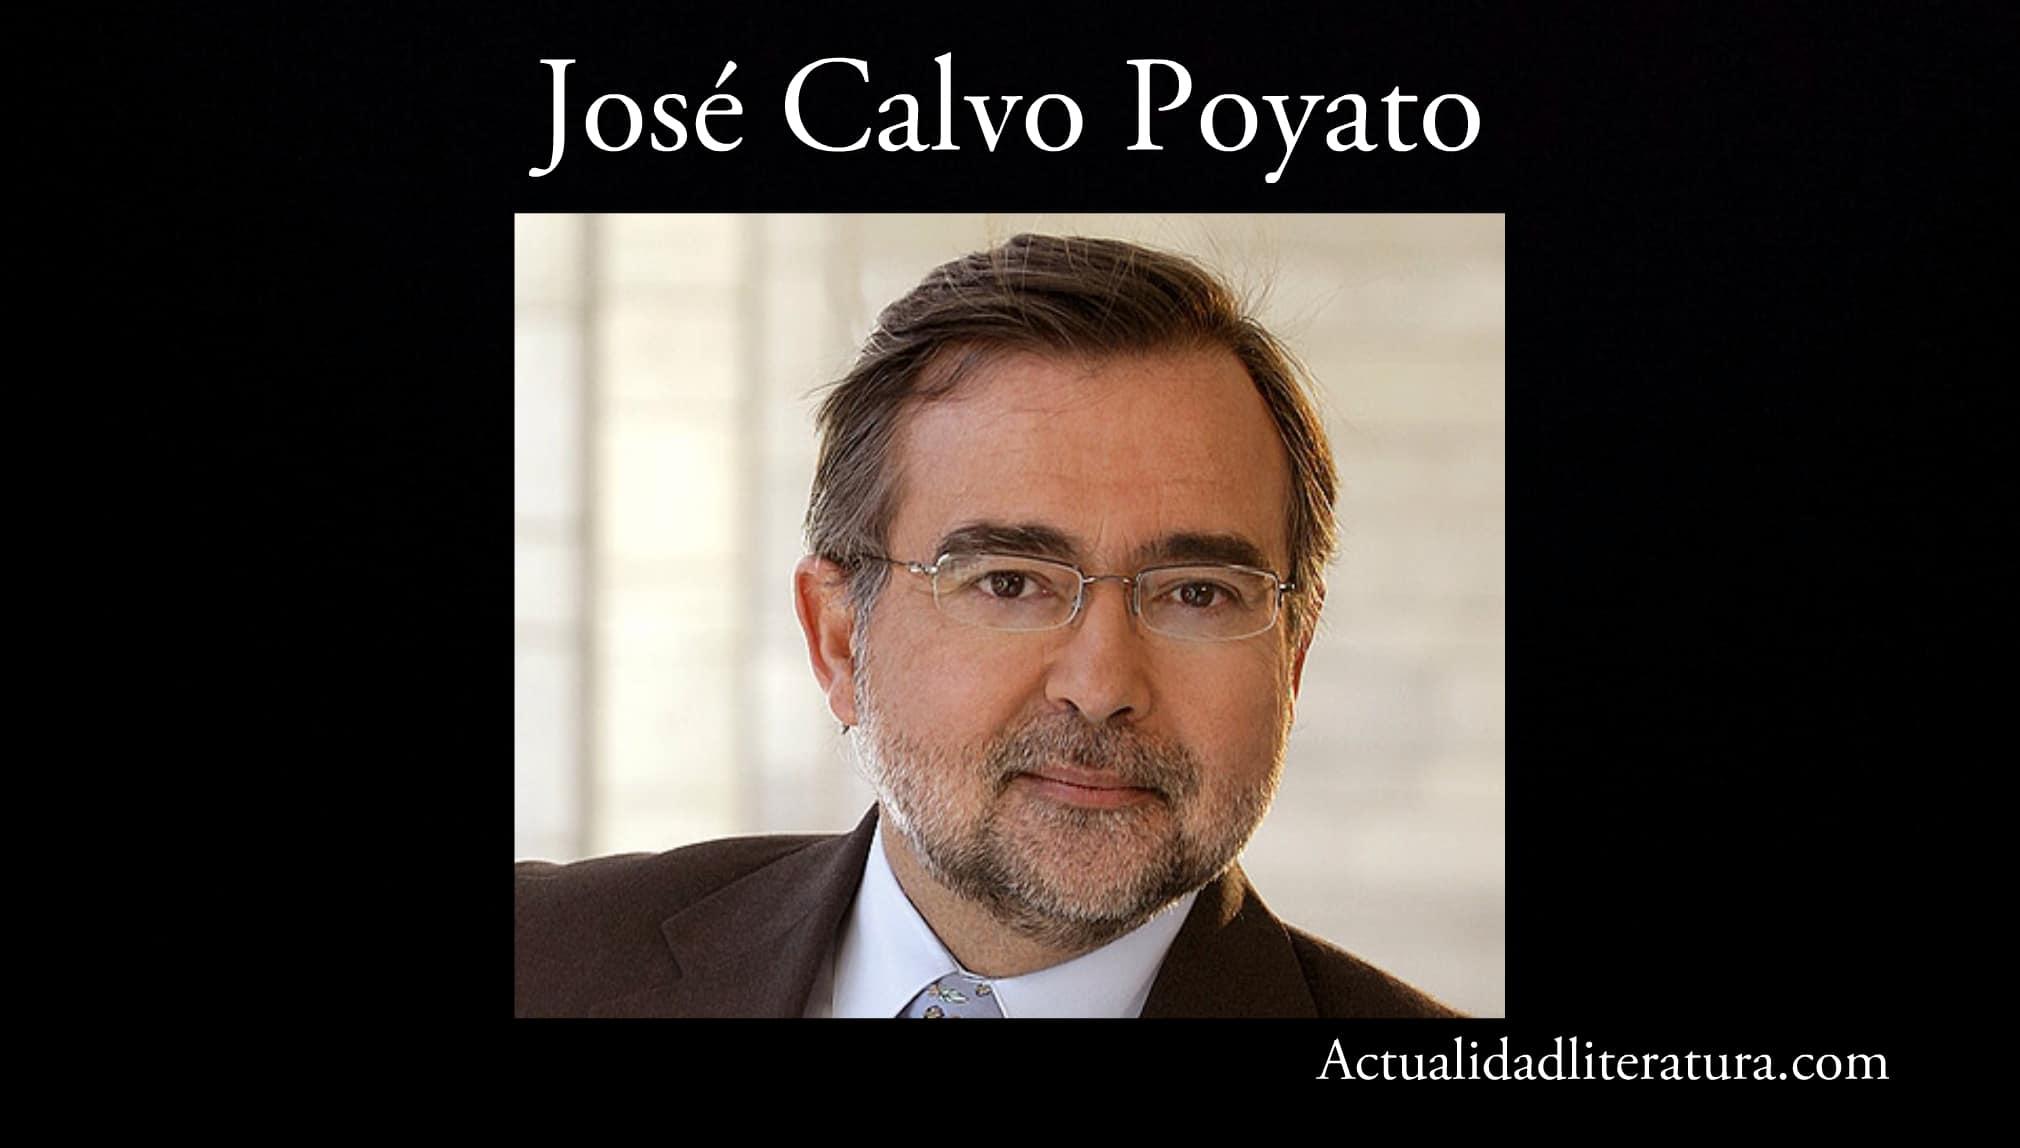 José Calvo Poyato.